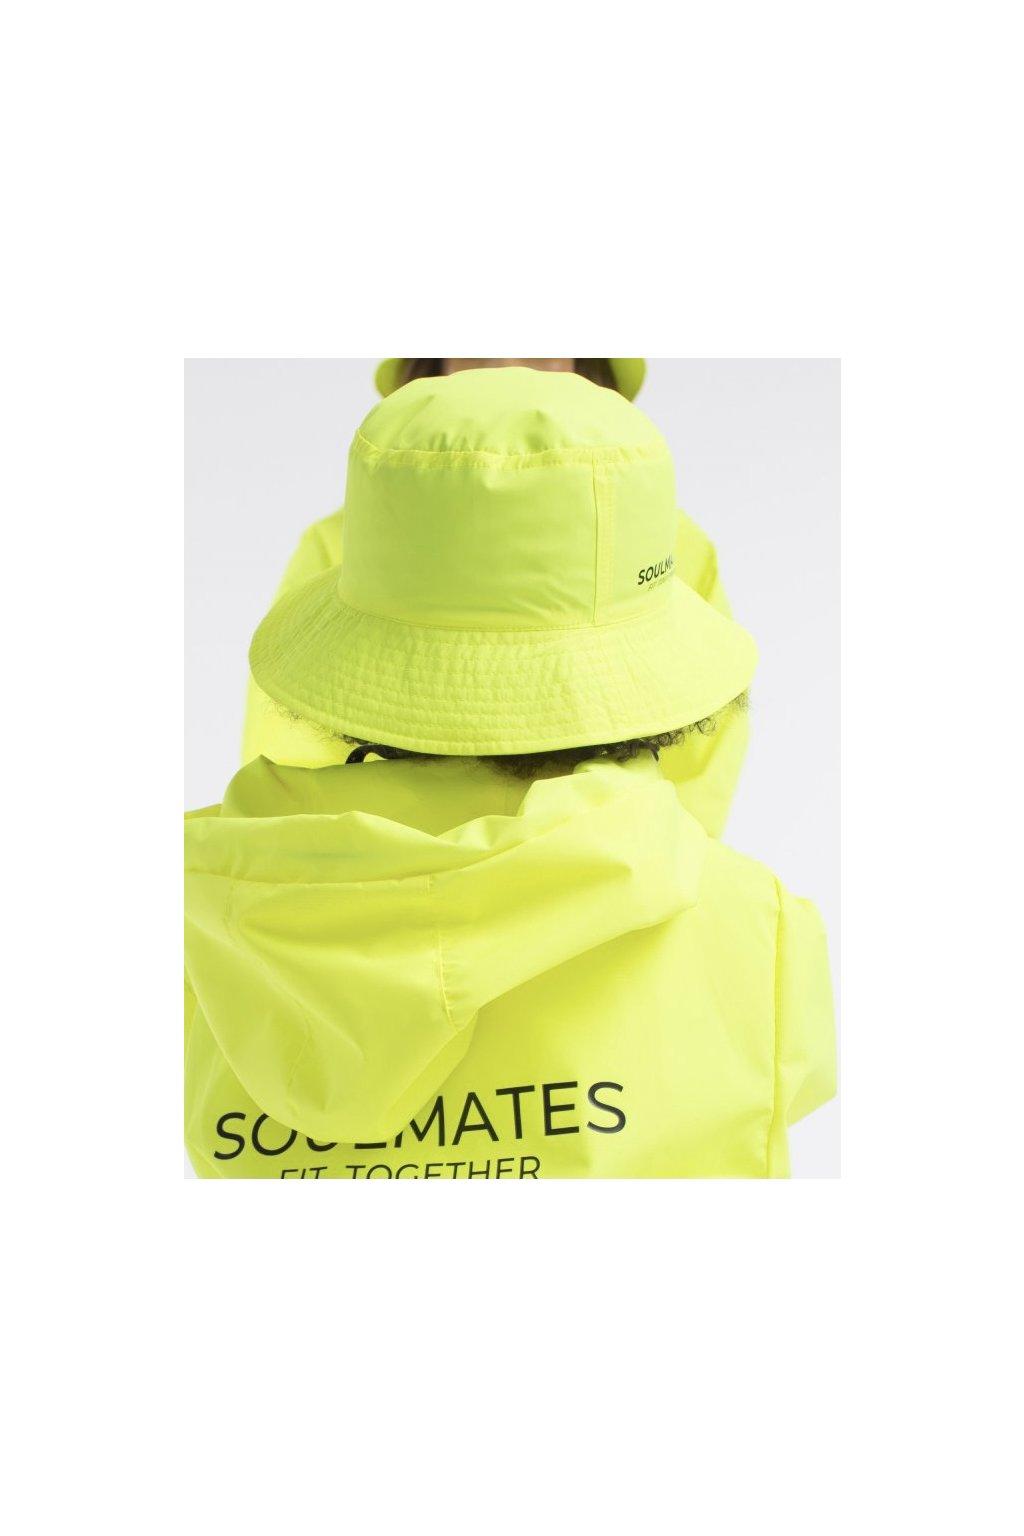 Kloubouček SOULMATES dětský • neon yellow / neon žlutý